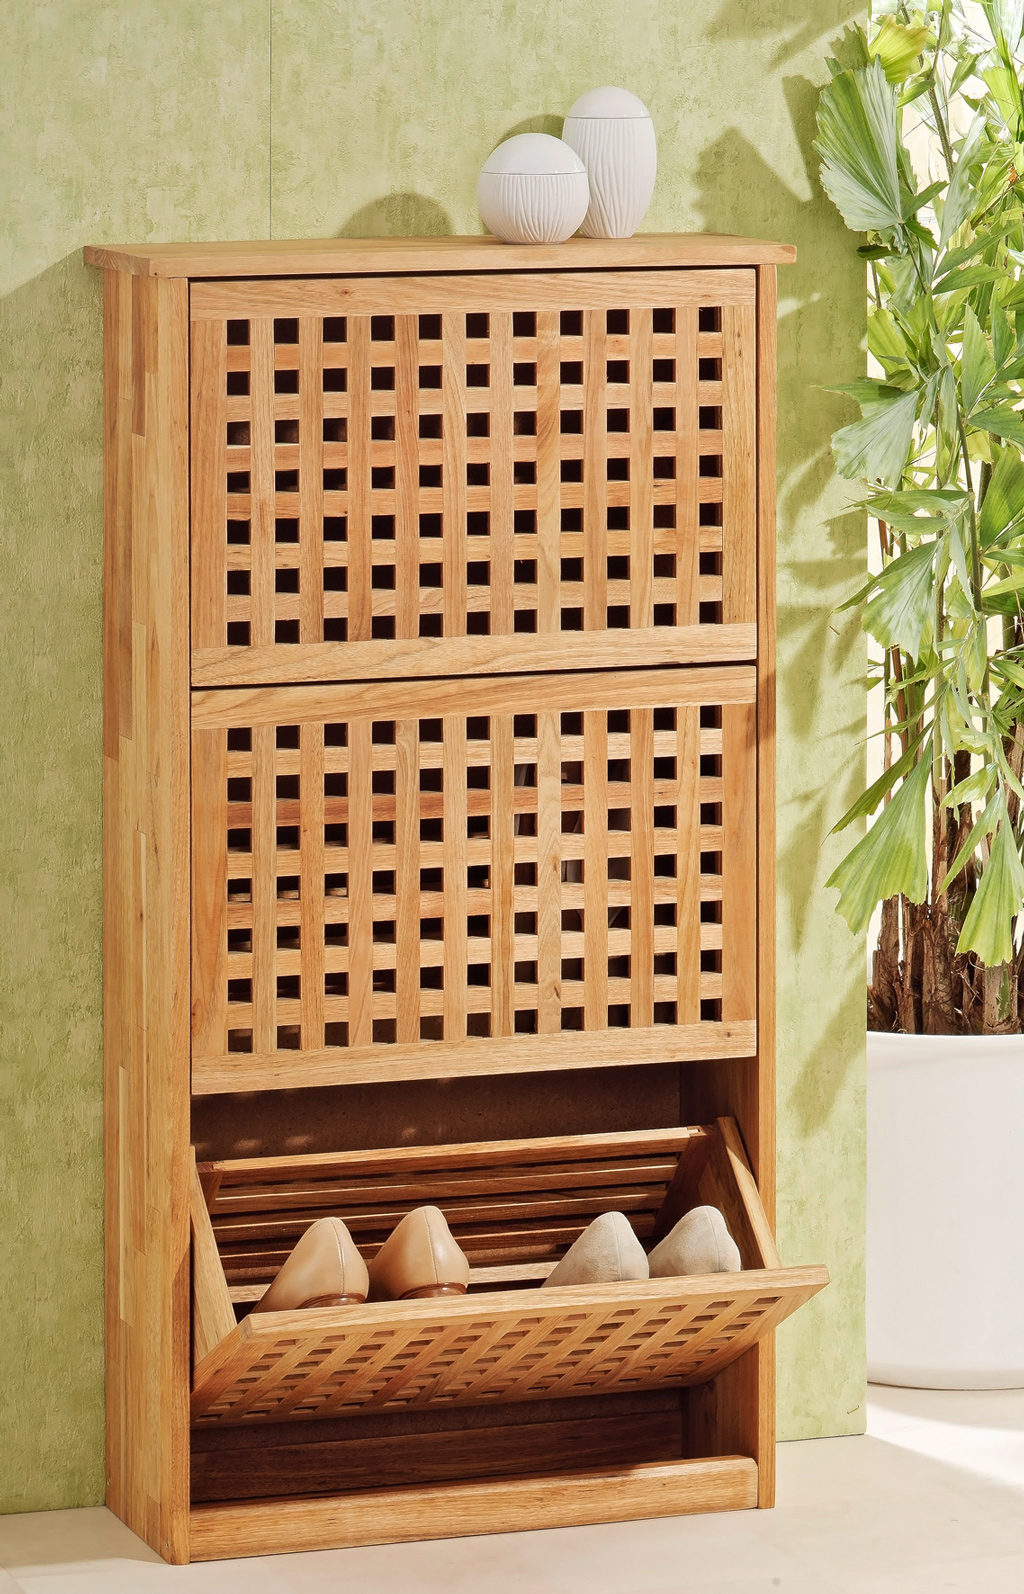 schuhregal schuhschrank mit 3 t ren aus walnuss holz ebay. Black Bedroom Furniture Sets. Home Design Ideas